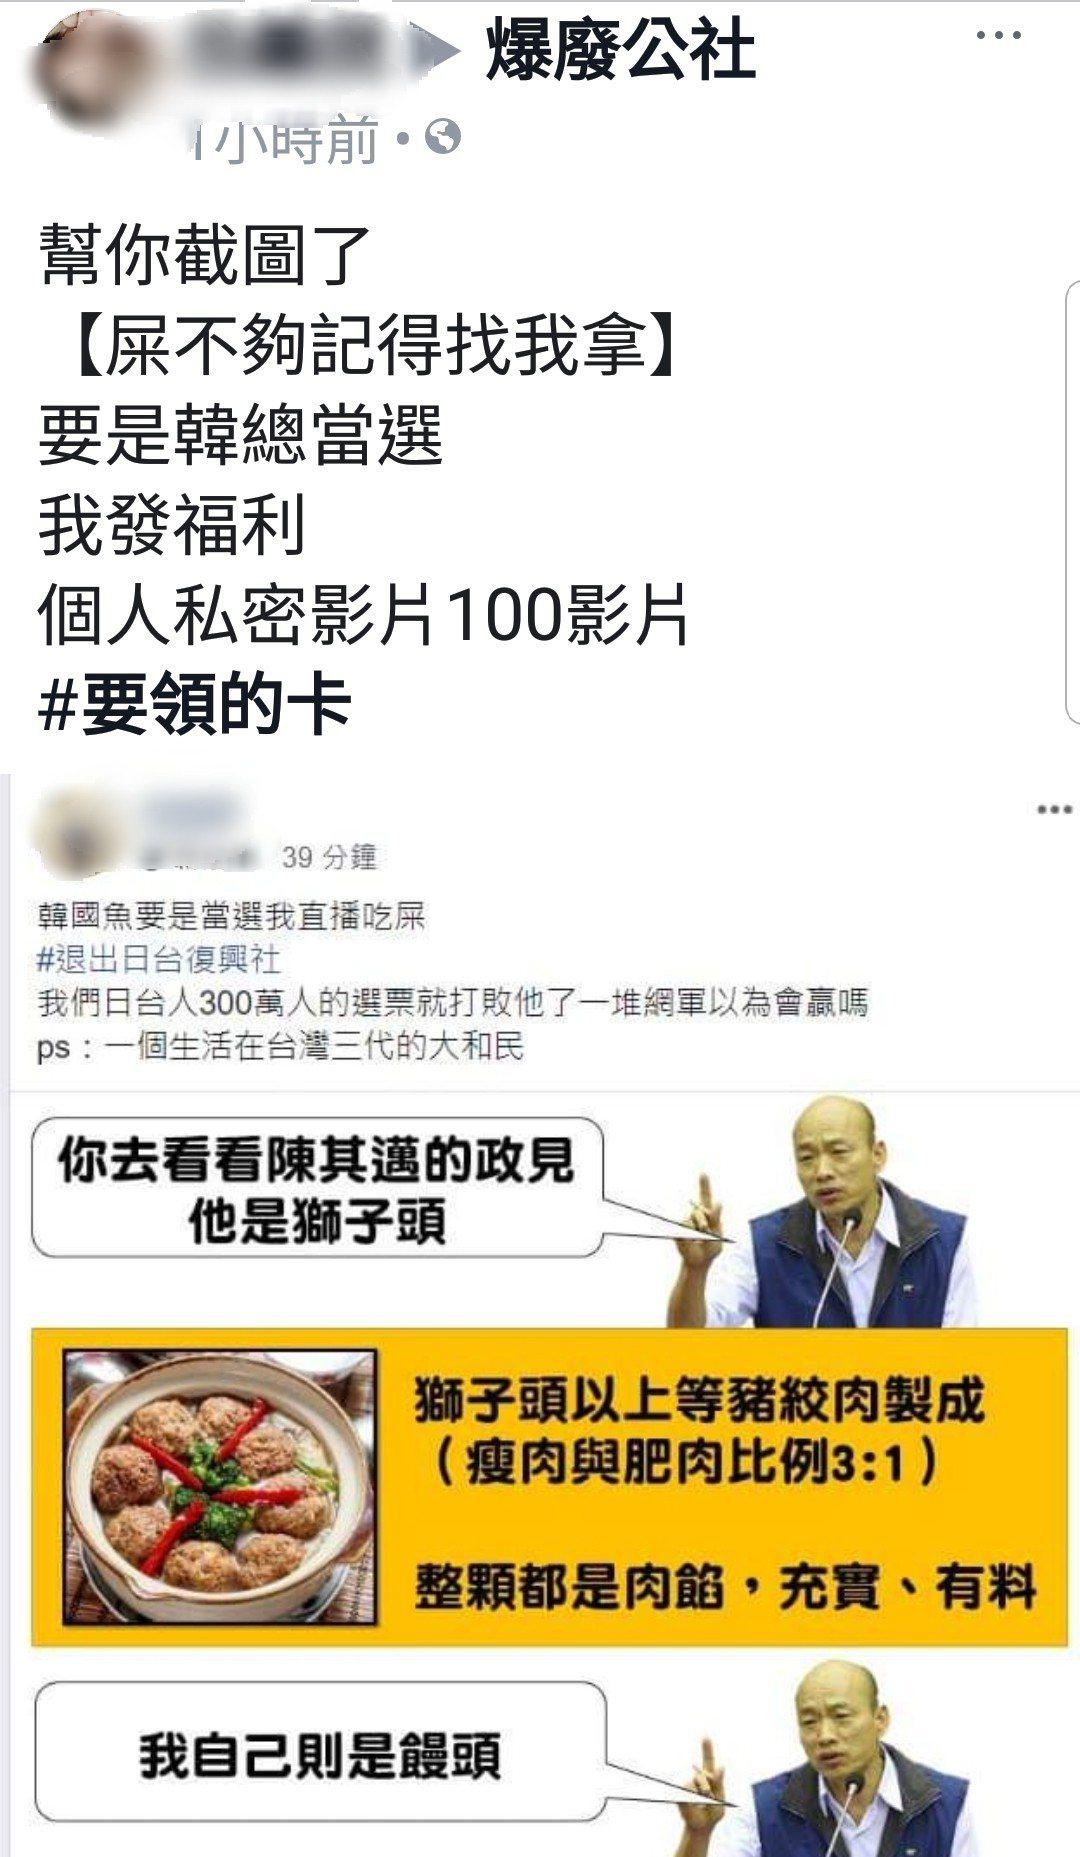 有網友在臉書說,如果韓總當選,她要送個人私密影片,台中警方提醒可能觸法。圖/臉書...